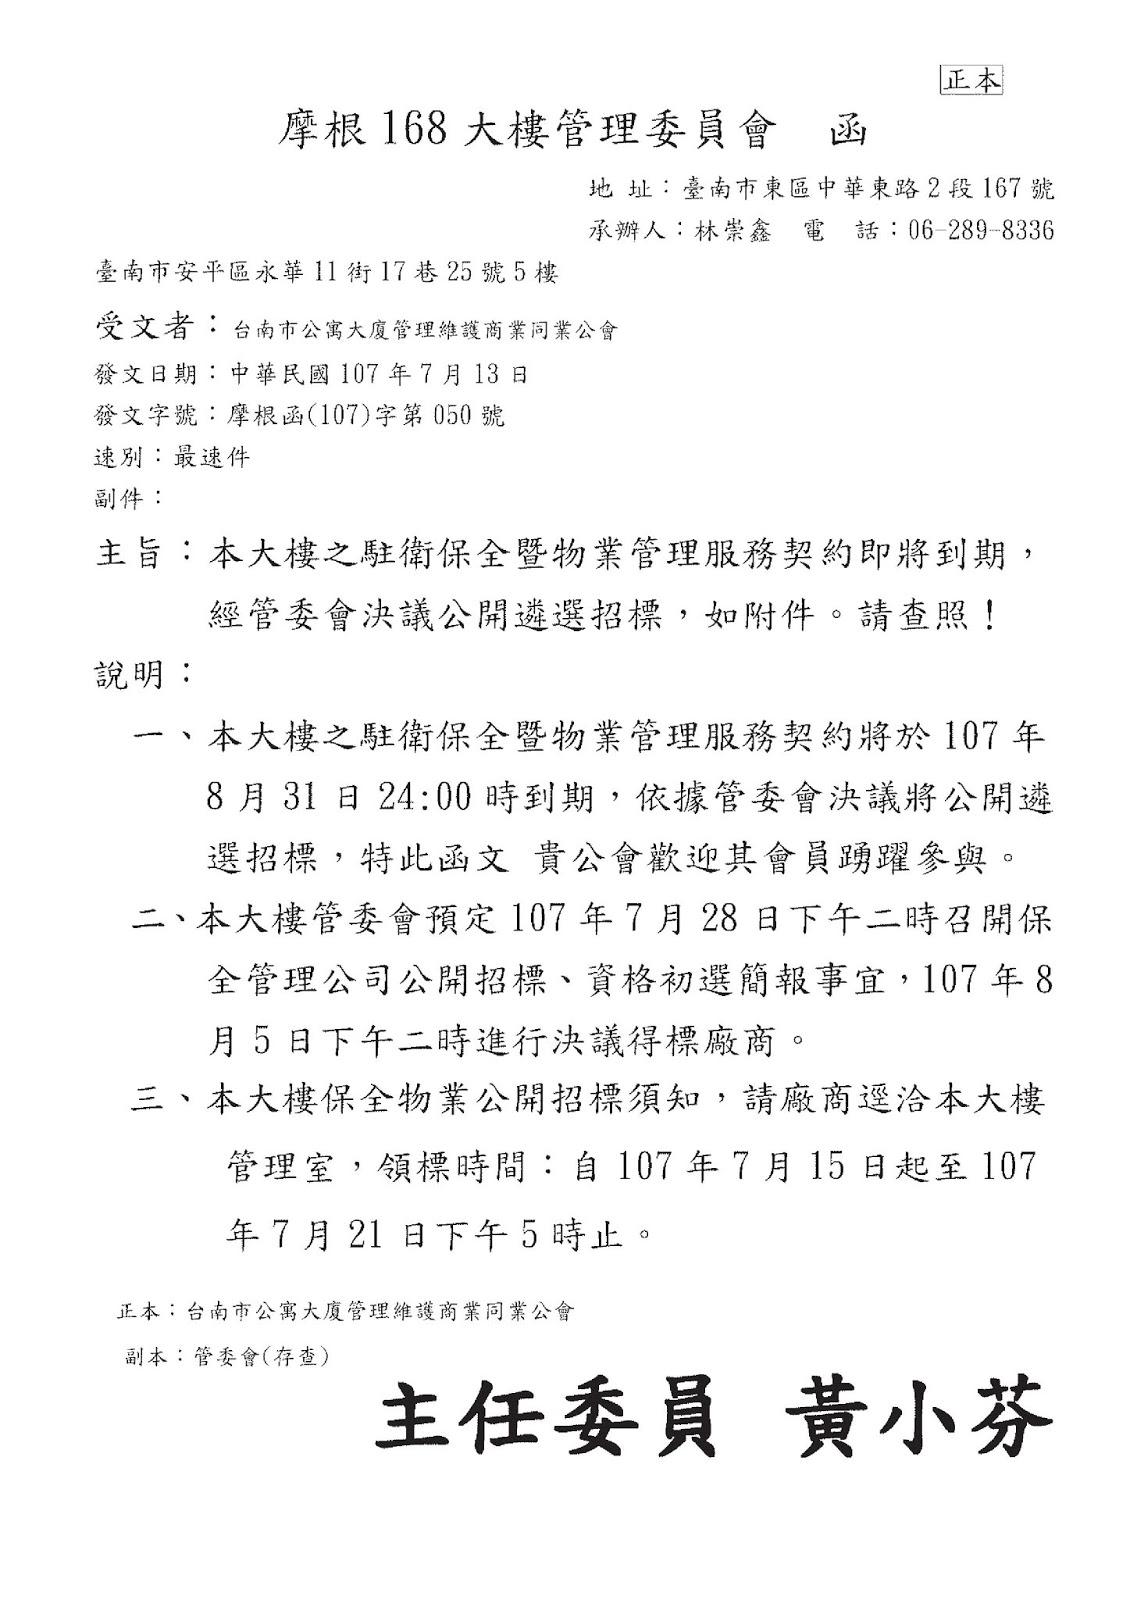 臺南市公寓大廈管理維護商業同業公會: 摩根168大樓-物業管理公司招標公告